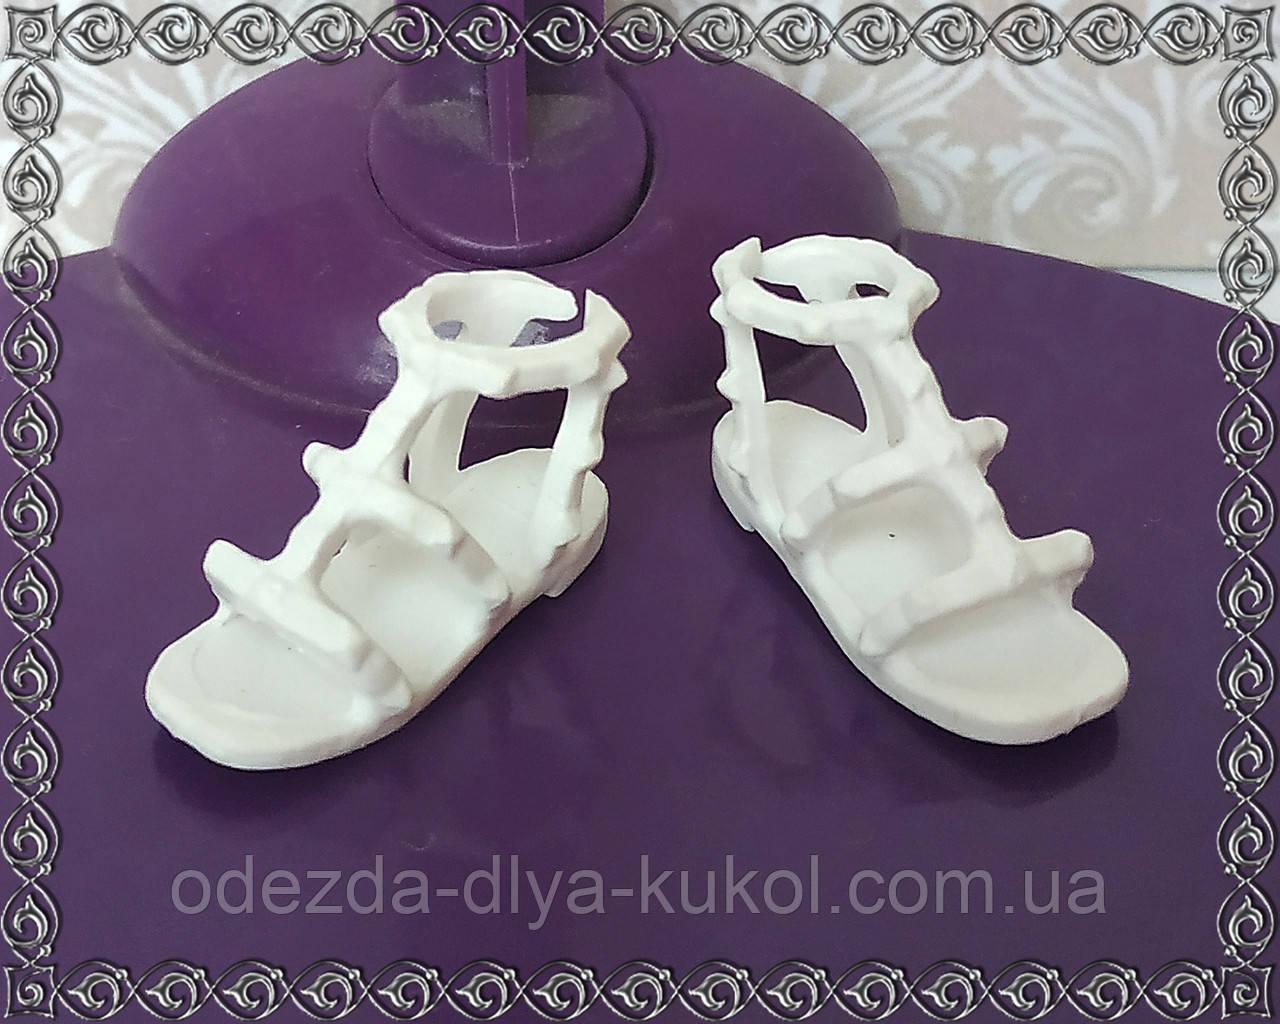 Обувь для Барби - (босоножки для узкой плоской стопы)